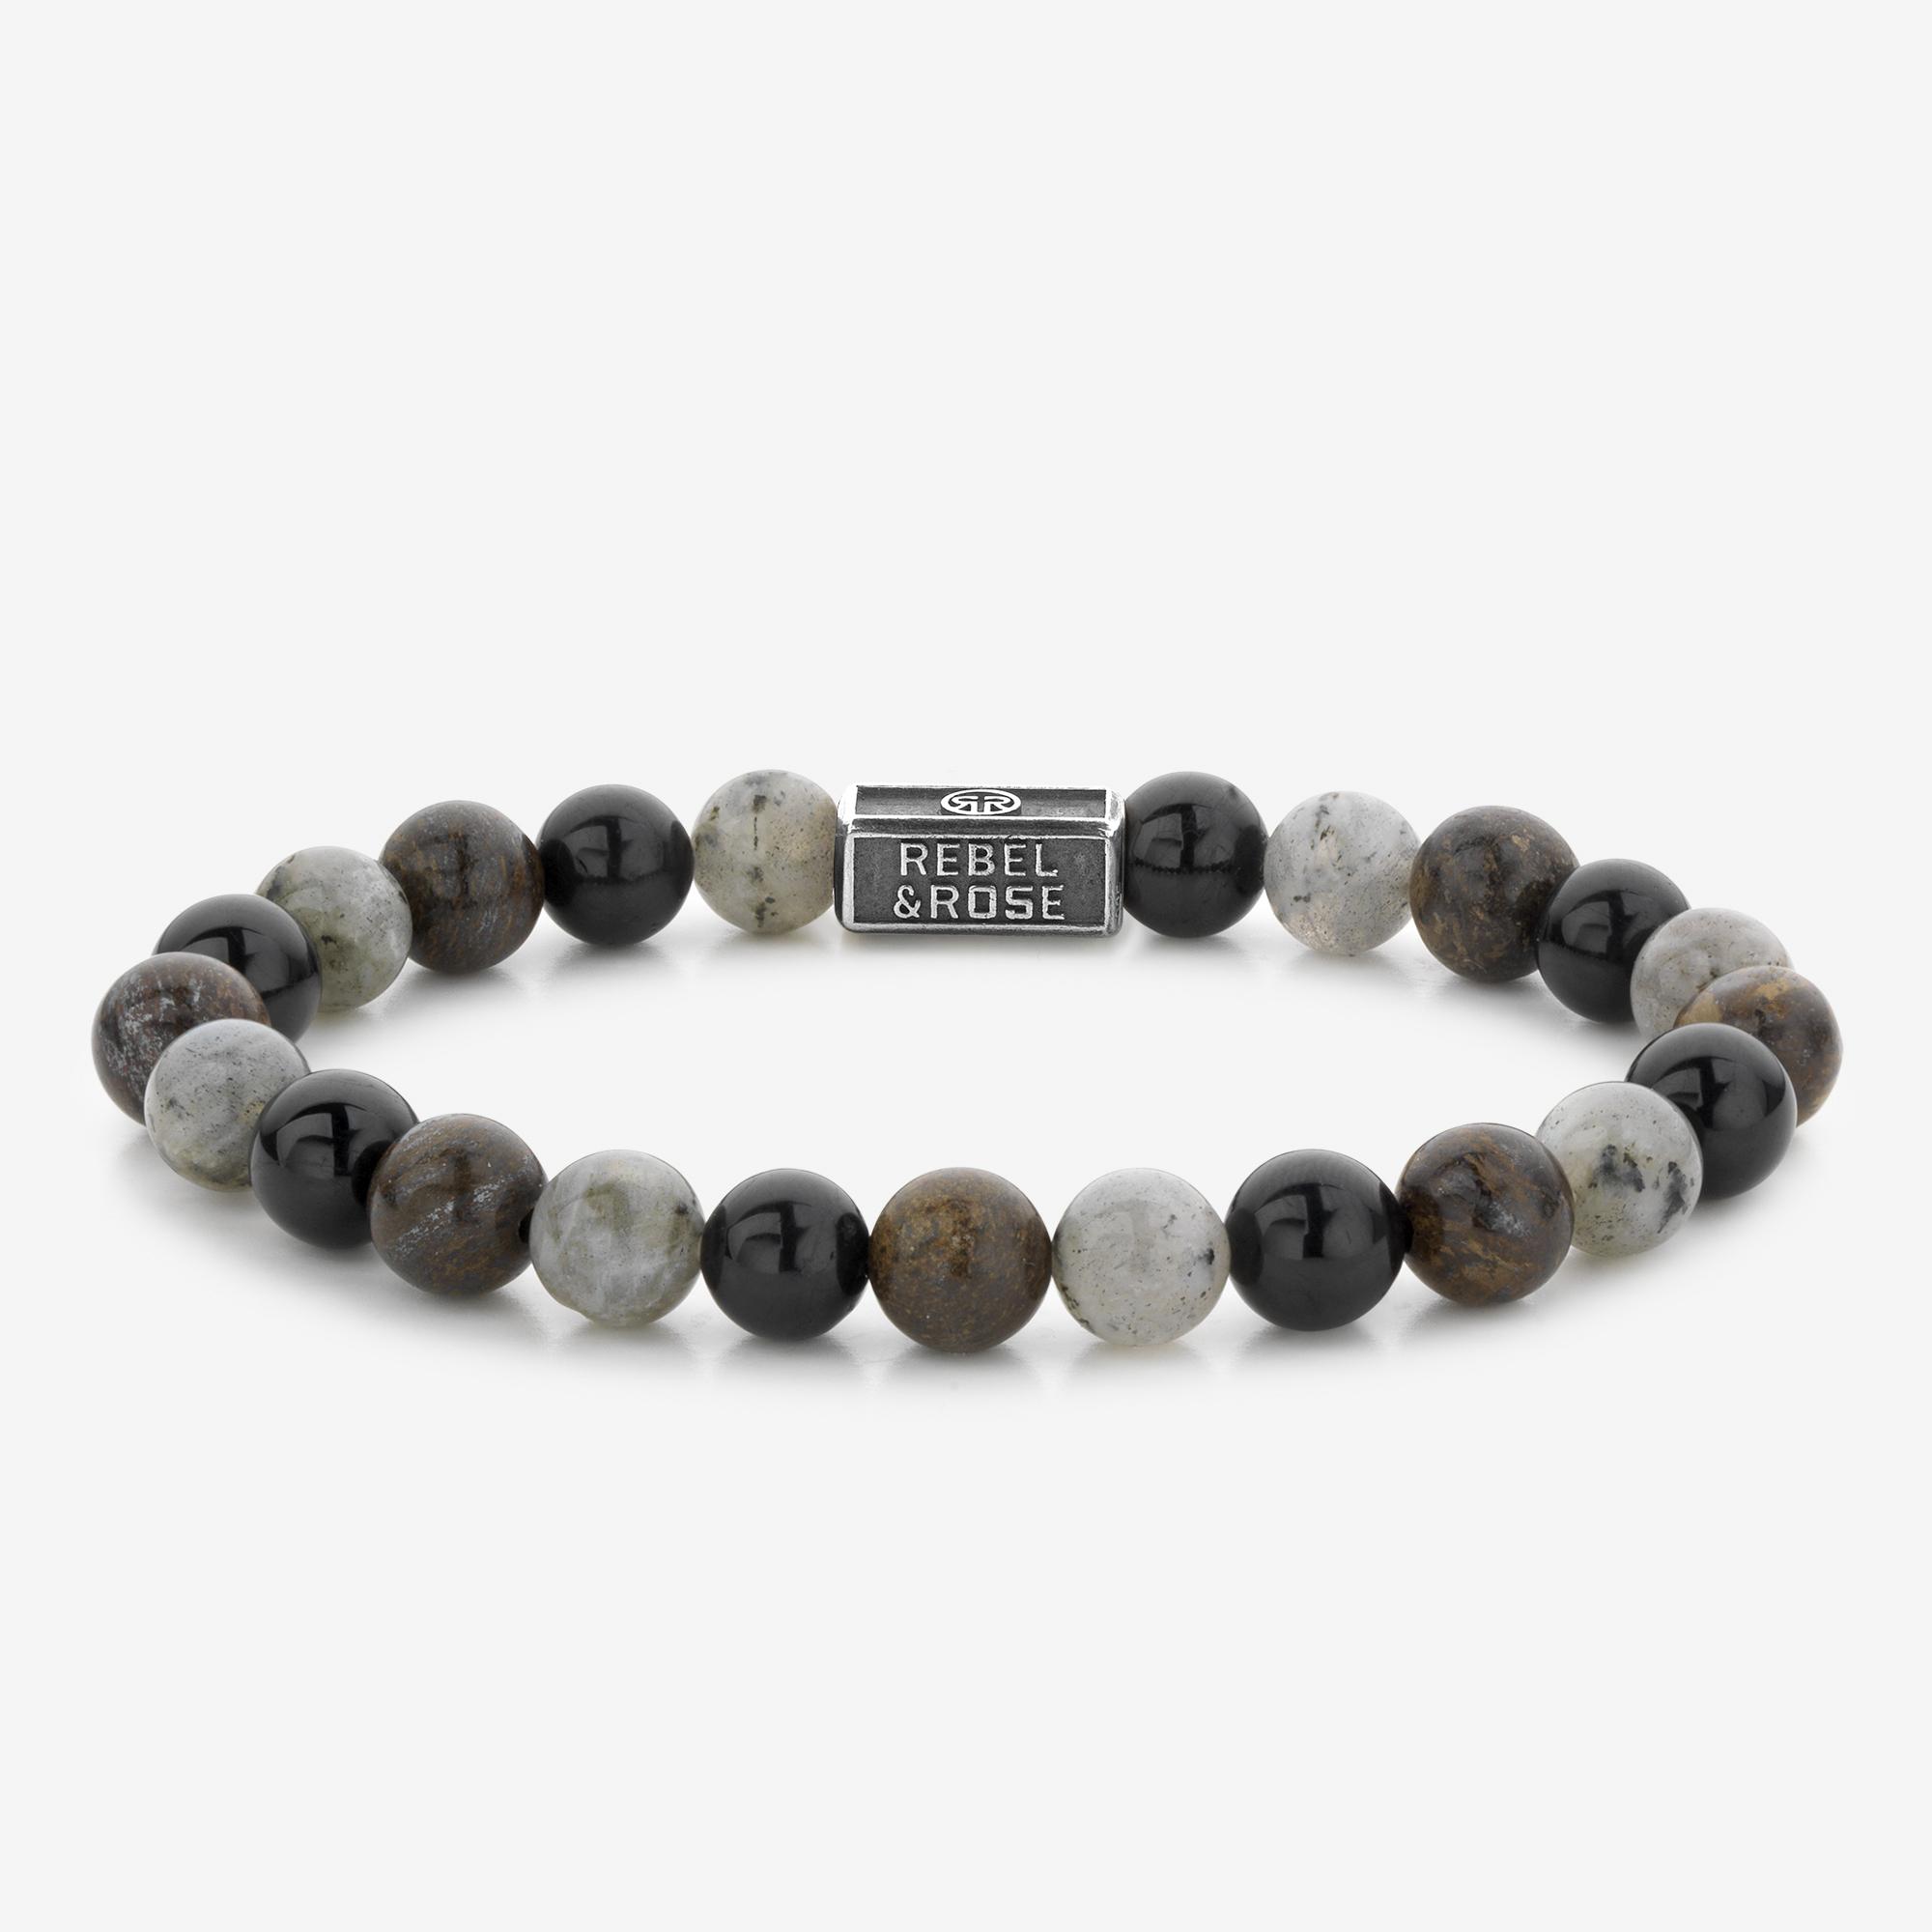 Rebel and Rose RR 8S007 S Rekarmband Beads Mix Brown zilver 8 mm zilverkleurig bruin S 16,5 cm